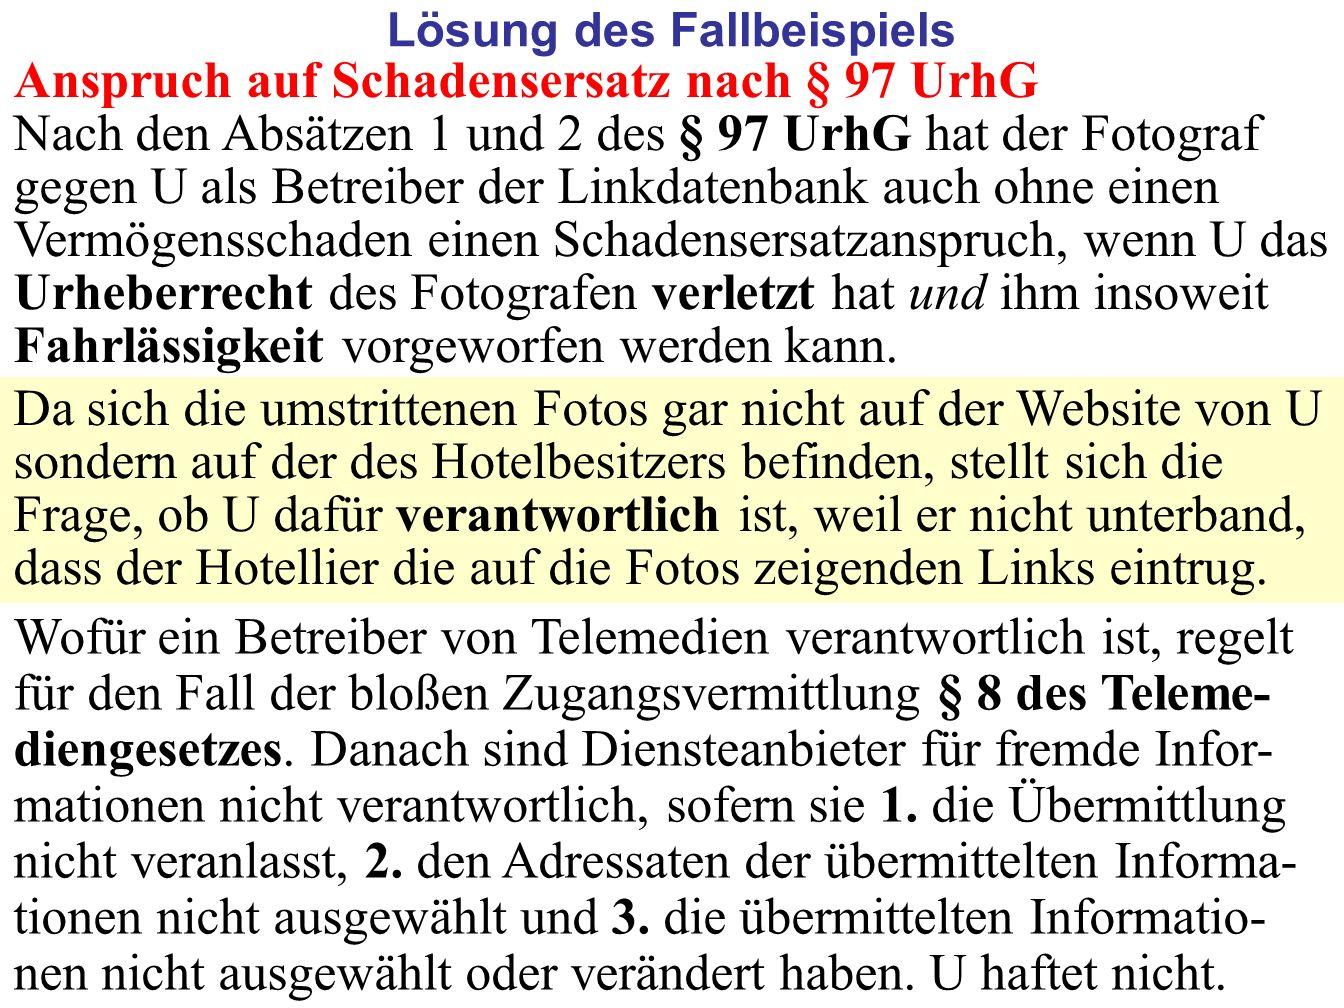 62 Anspruch auf Schadensersatz nach § 97 UrhG Nach den Absätzen 1 und 2 des § 97 UrhG hat der Fotograf gegen U als Betreiber der Linkdatenbank auch oh